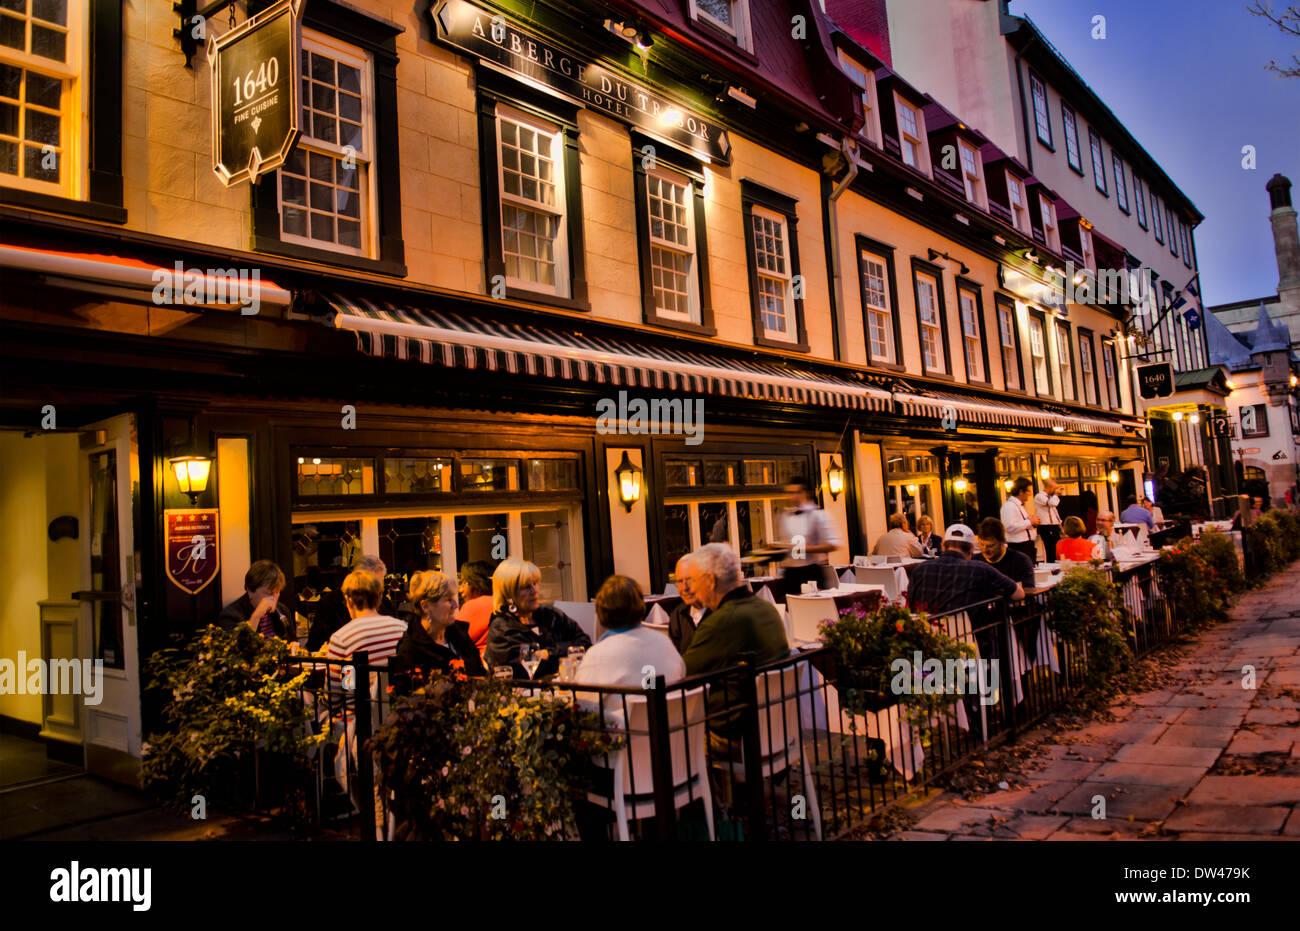 Restaurant Faks Cafe Quebec Qc Canada